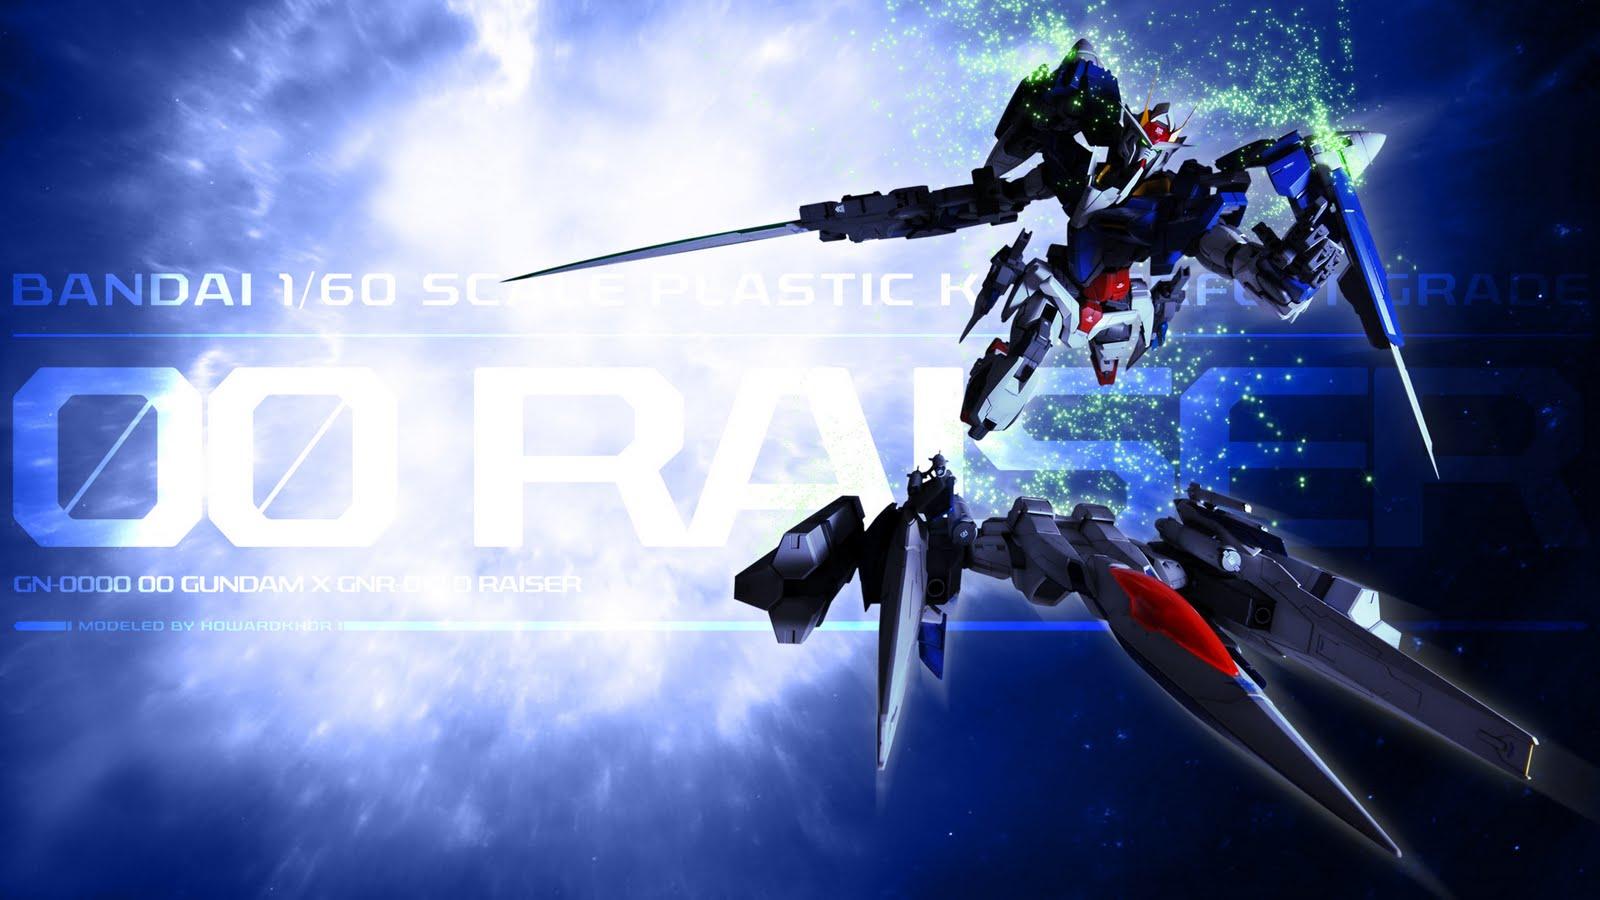 wallpaper Wallpaper De Gundam 00 1600x900